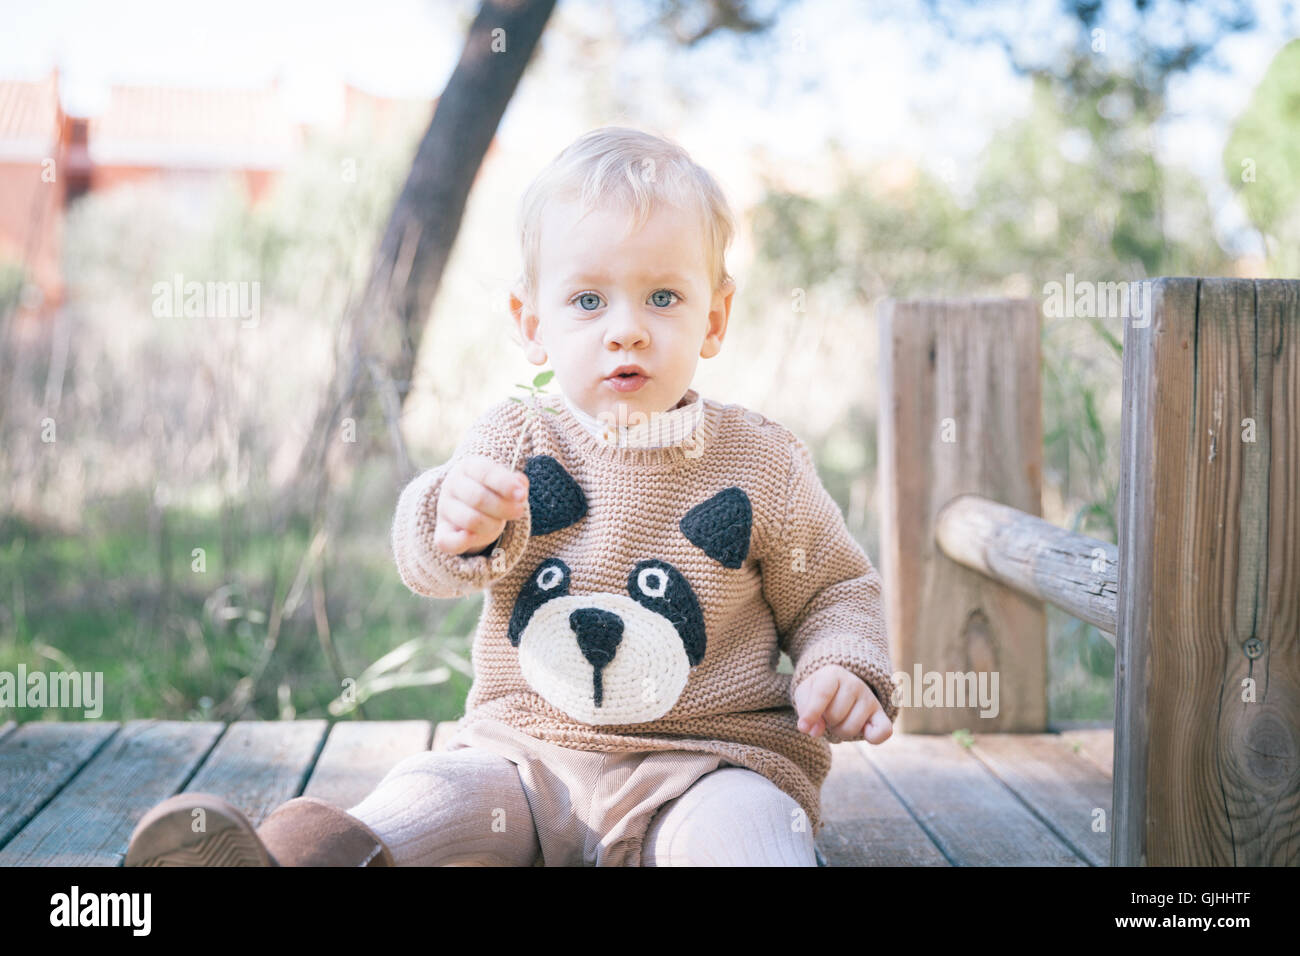 Muchacho sentado en la estructura construida en playground Foto de stock